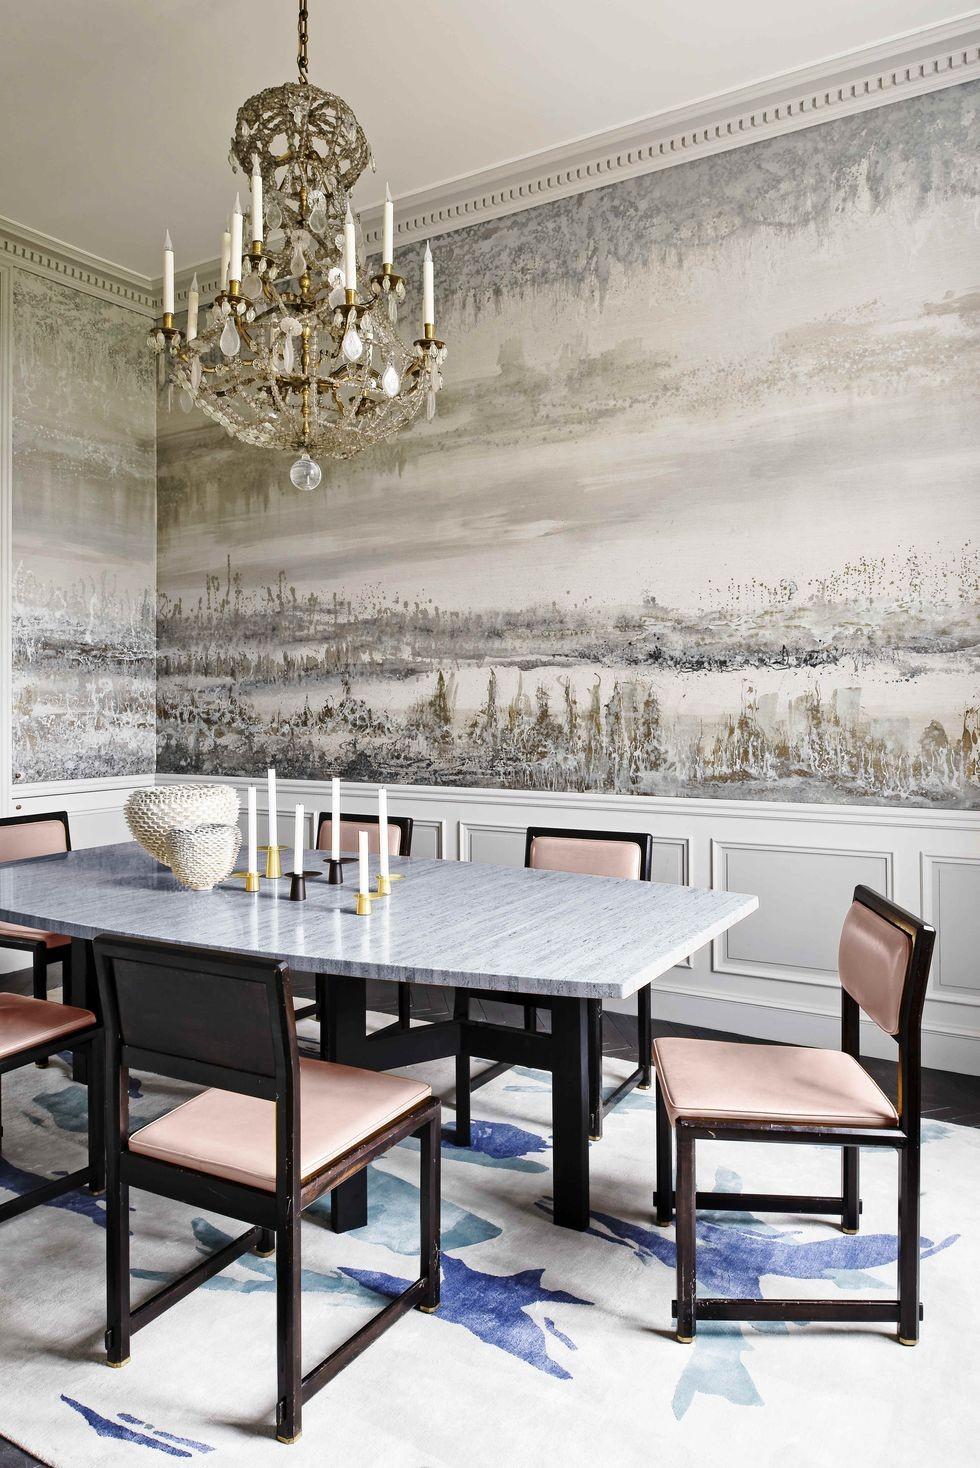 ديكور غرف سفرة - غرفة سفرة بطابع خاص مع جدارية